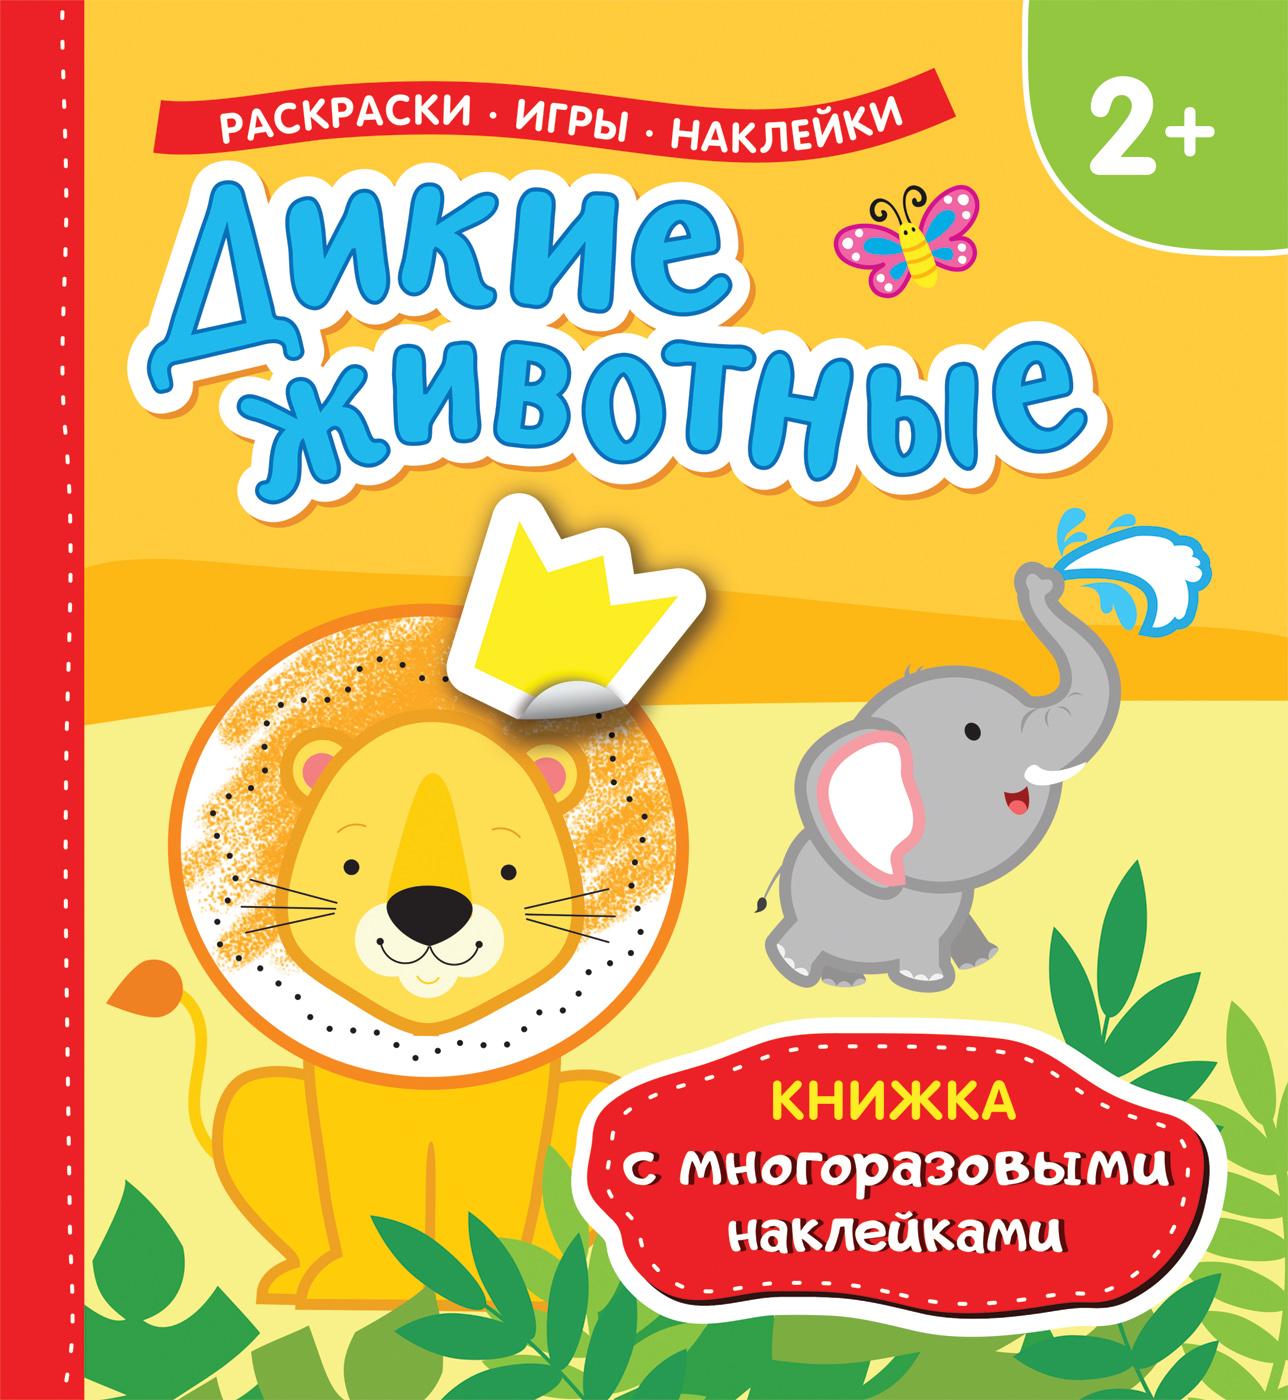 Котятова Н. И. Дикие животные (Книжка с многоразовыми наклейками) соко мари кролик книжка с многоразовыми наклейками